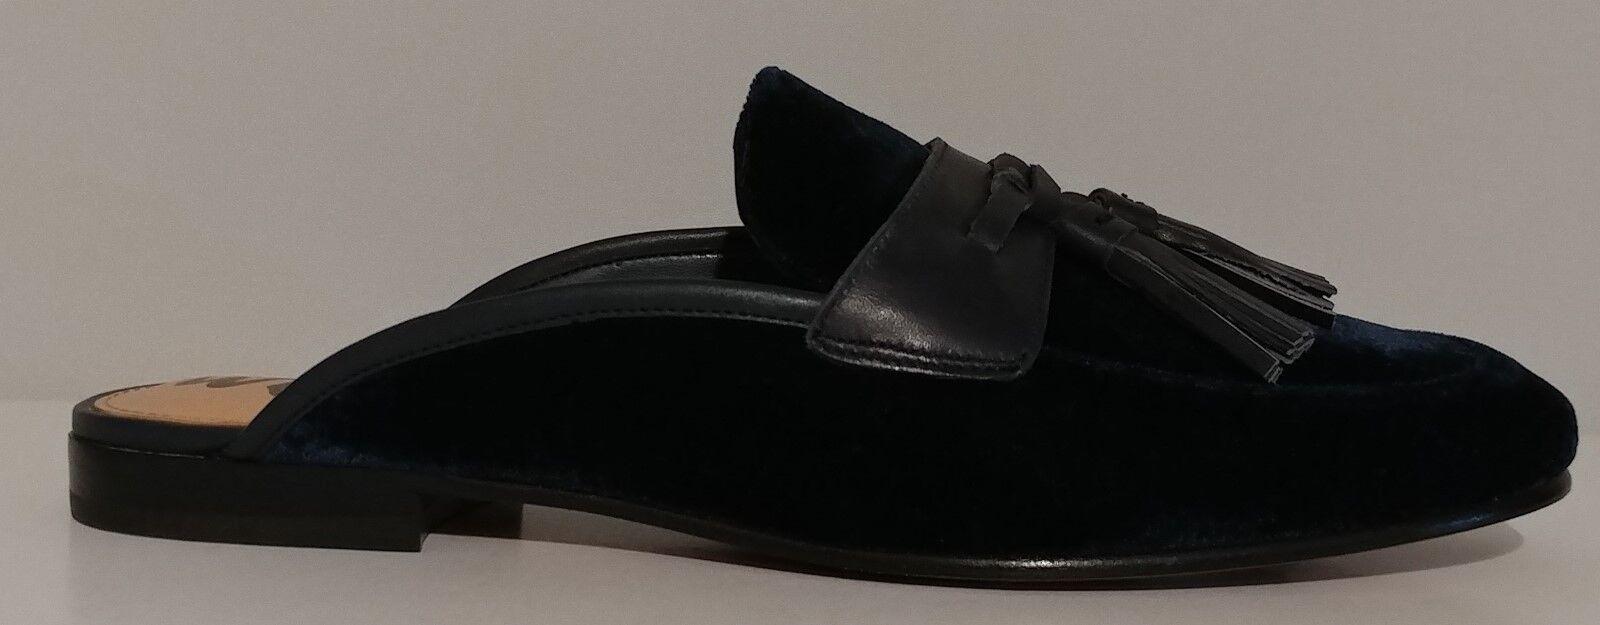 NEW   Sam Edelman Edelman Edelman bluee Velvet Tassell Slides Flat shoes Size 8.5M US 38.5M EUR 8cd43c